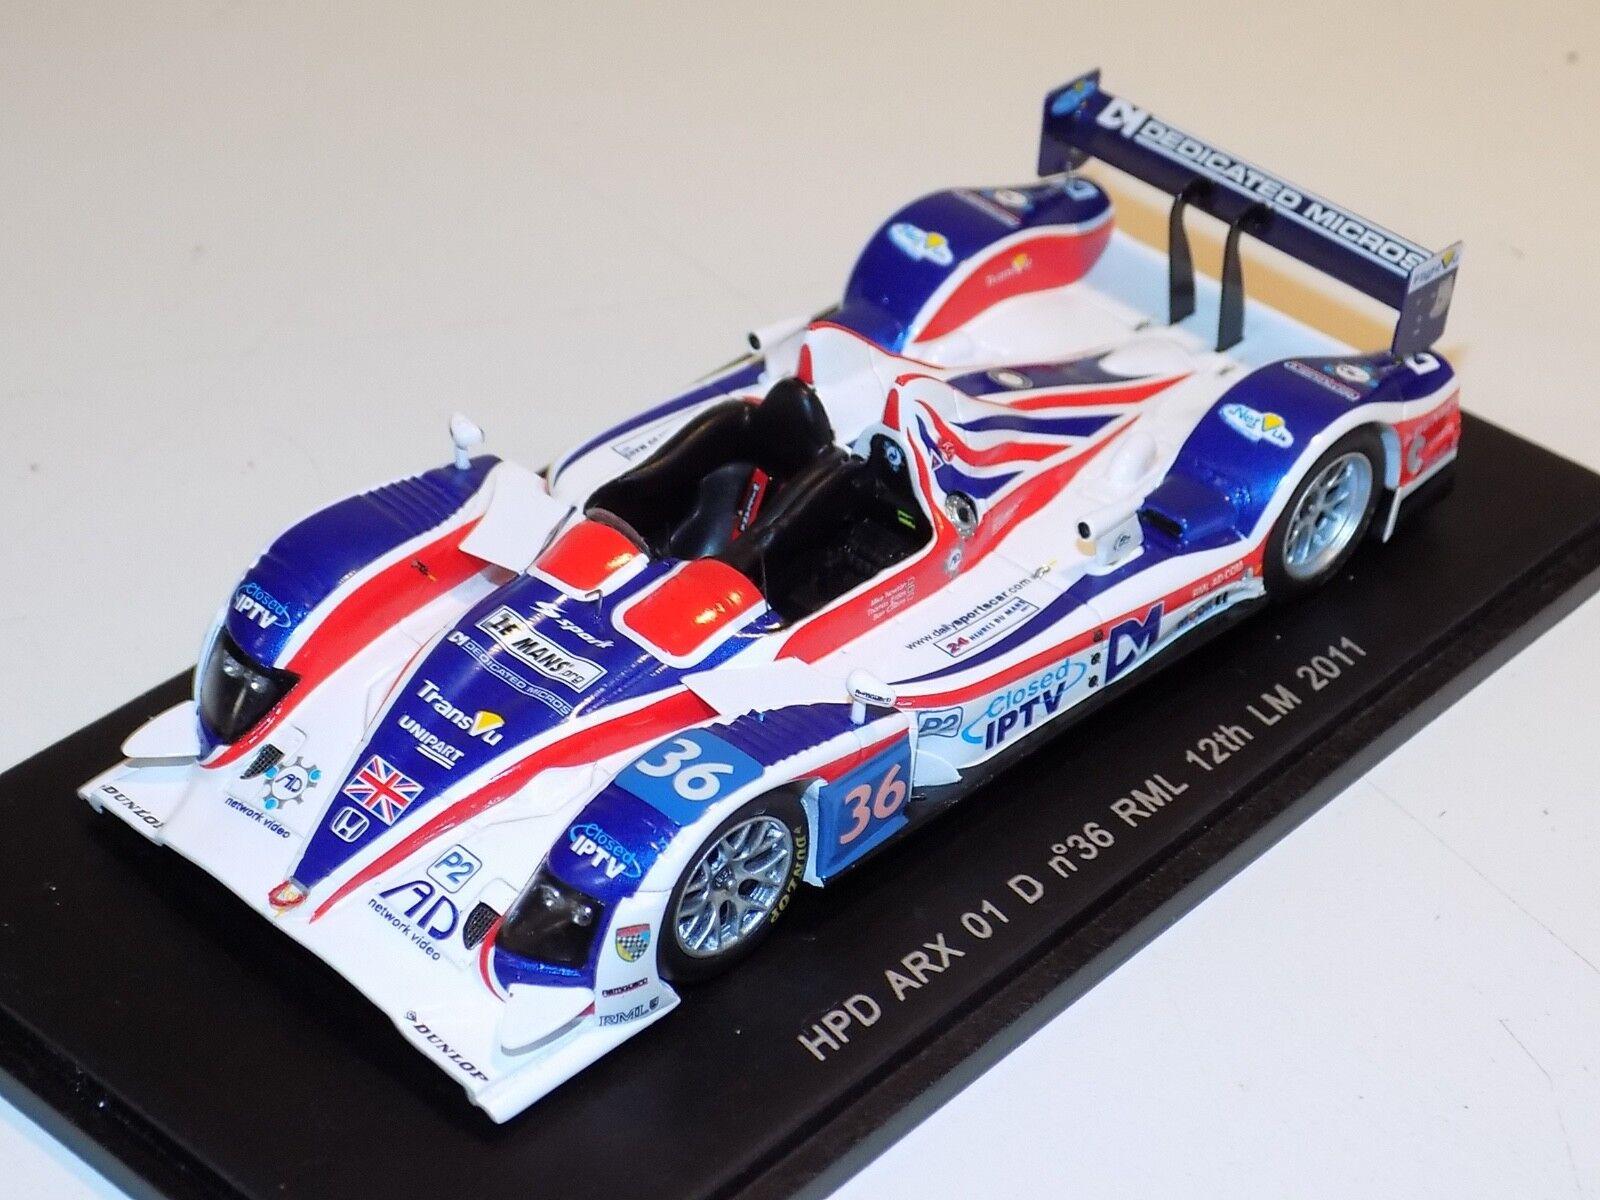 1/43 Spark HPD ARX 01 d coche 36 12th 2018 24 H de Le Mans S2534